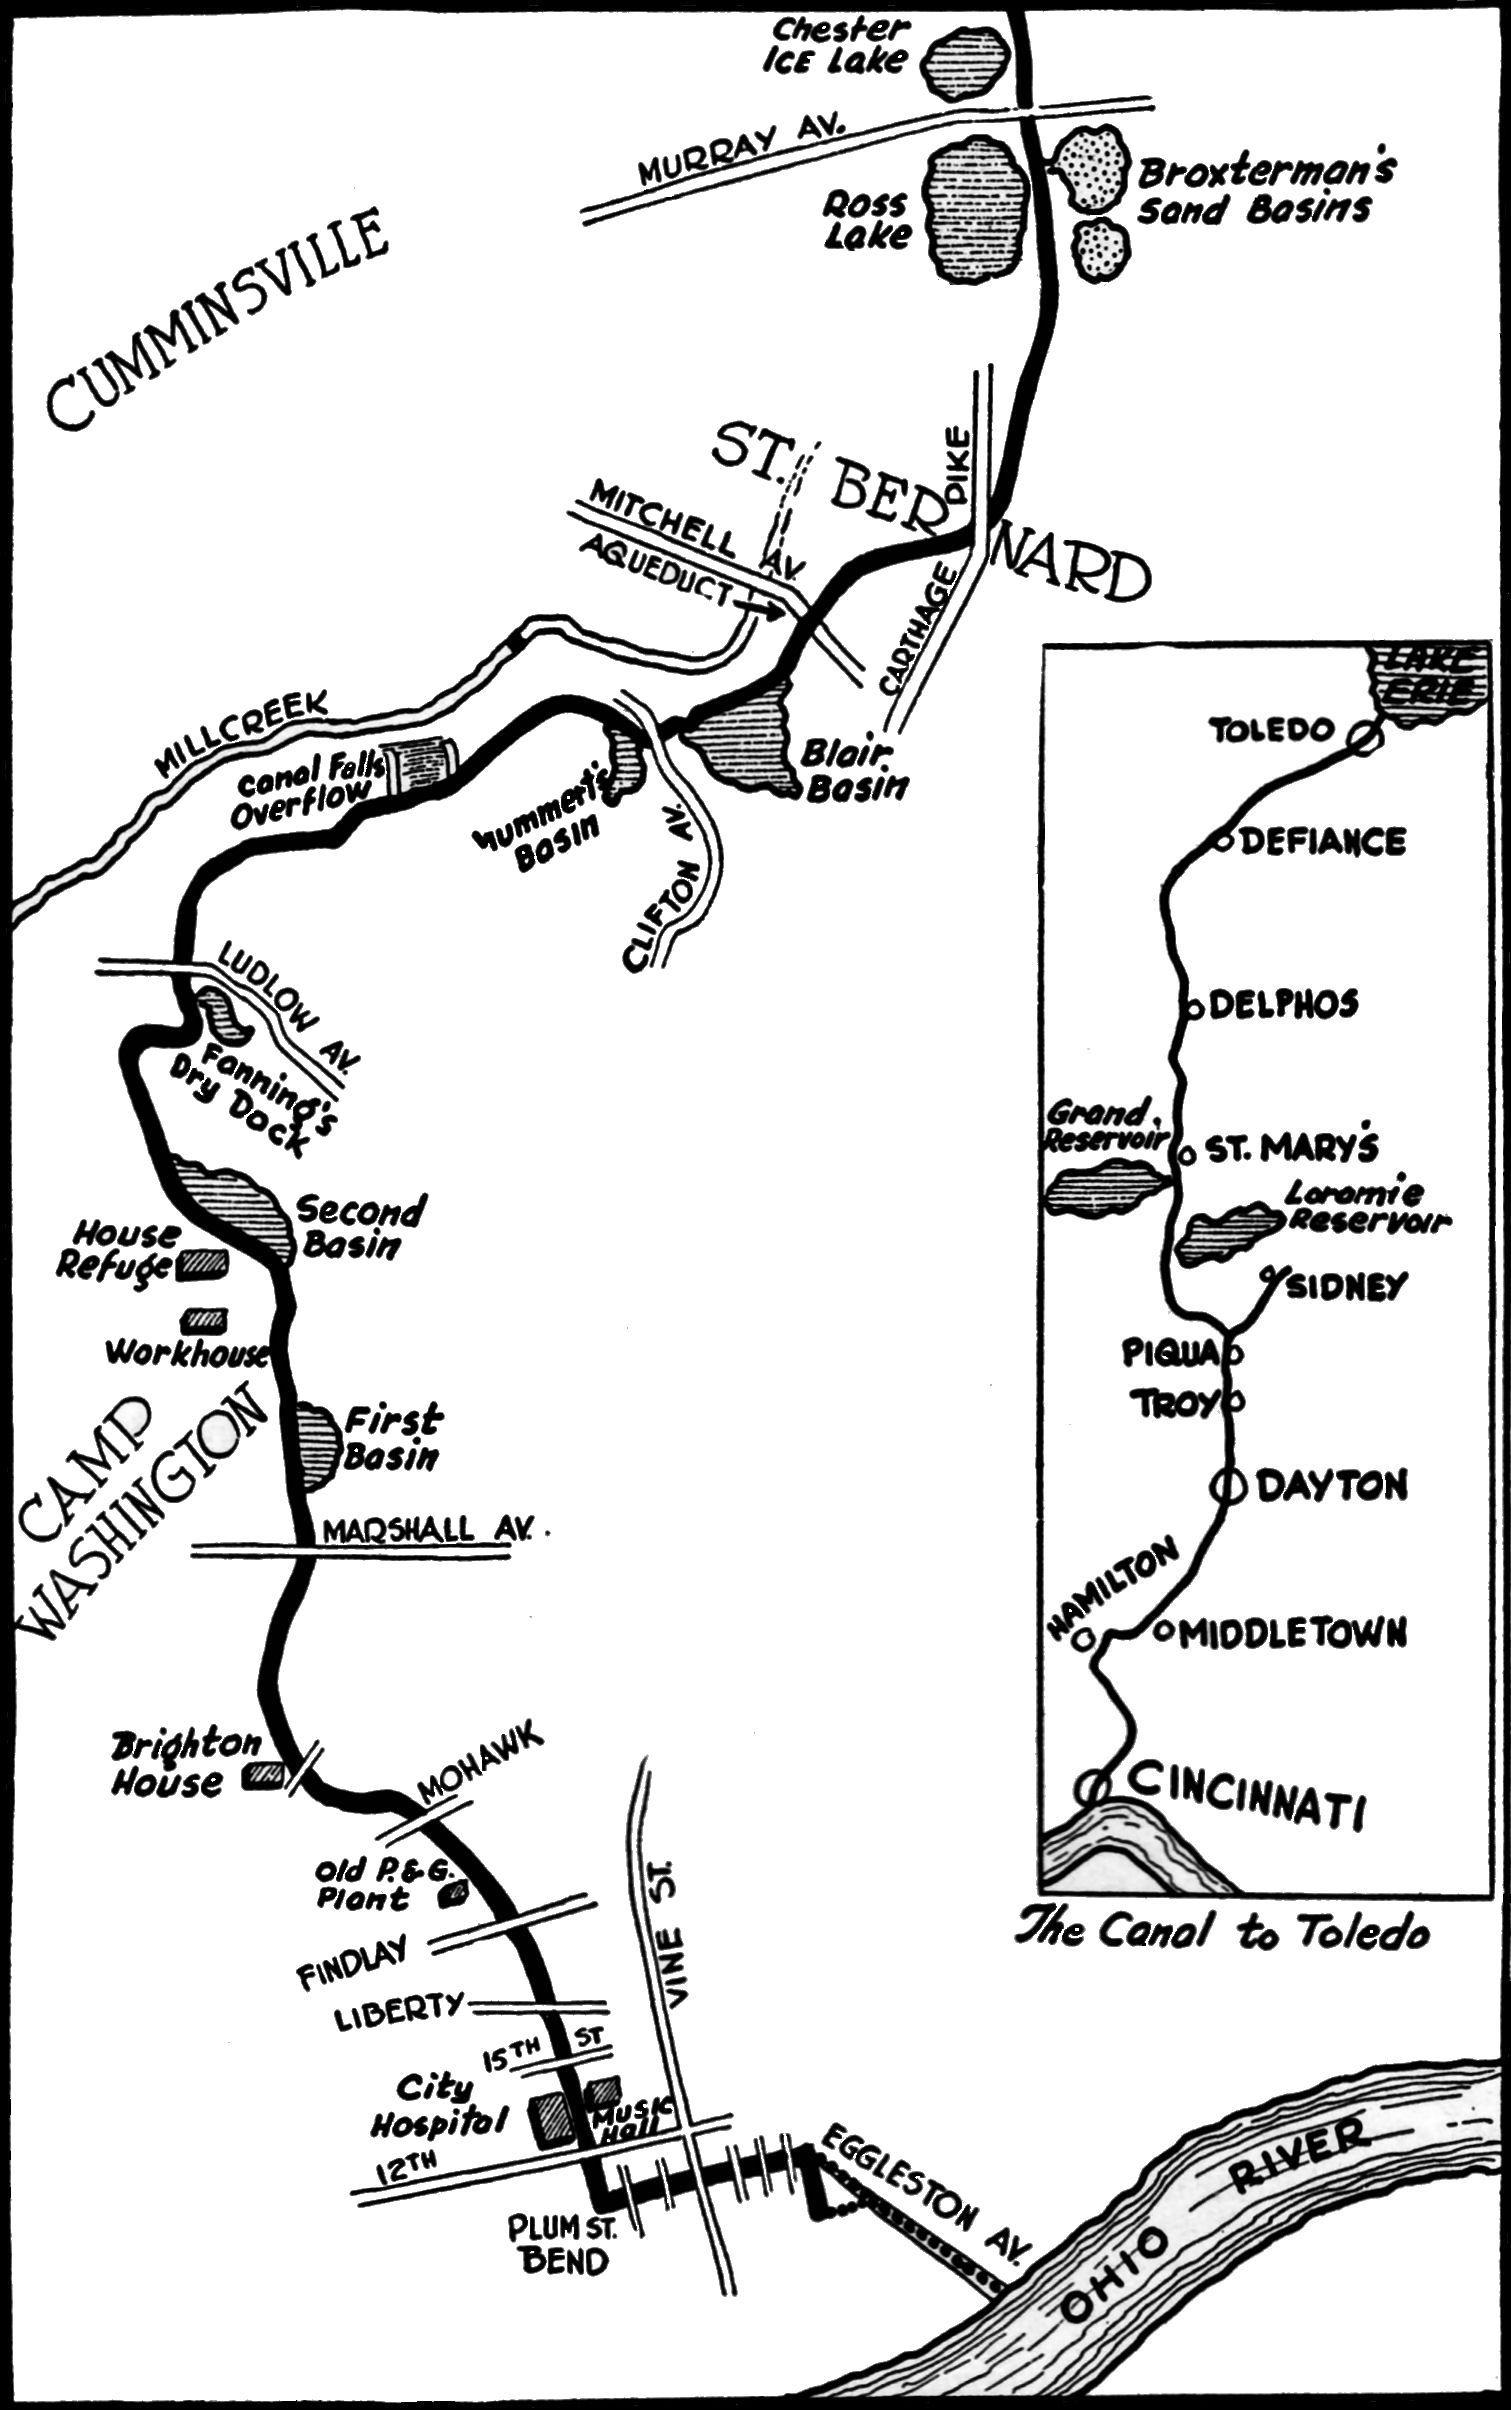 brighton cincinnati ohio | canal route